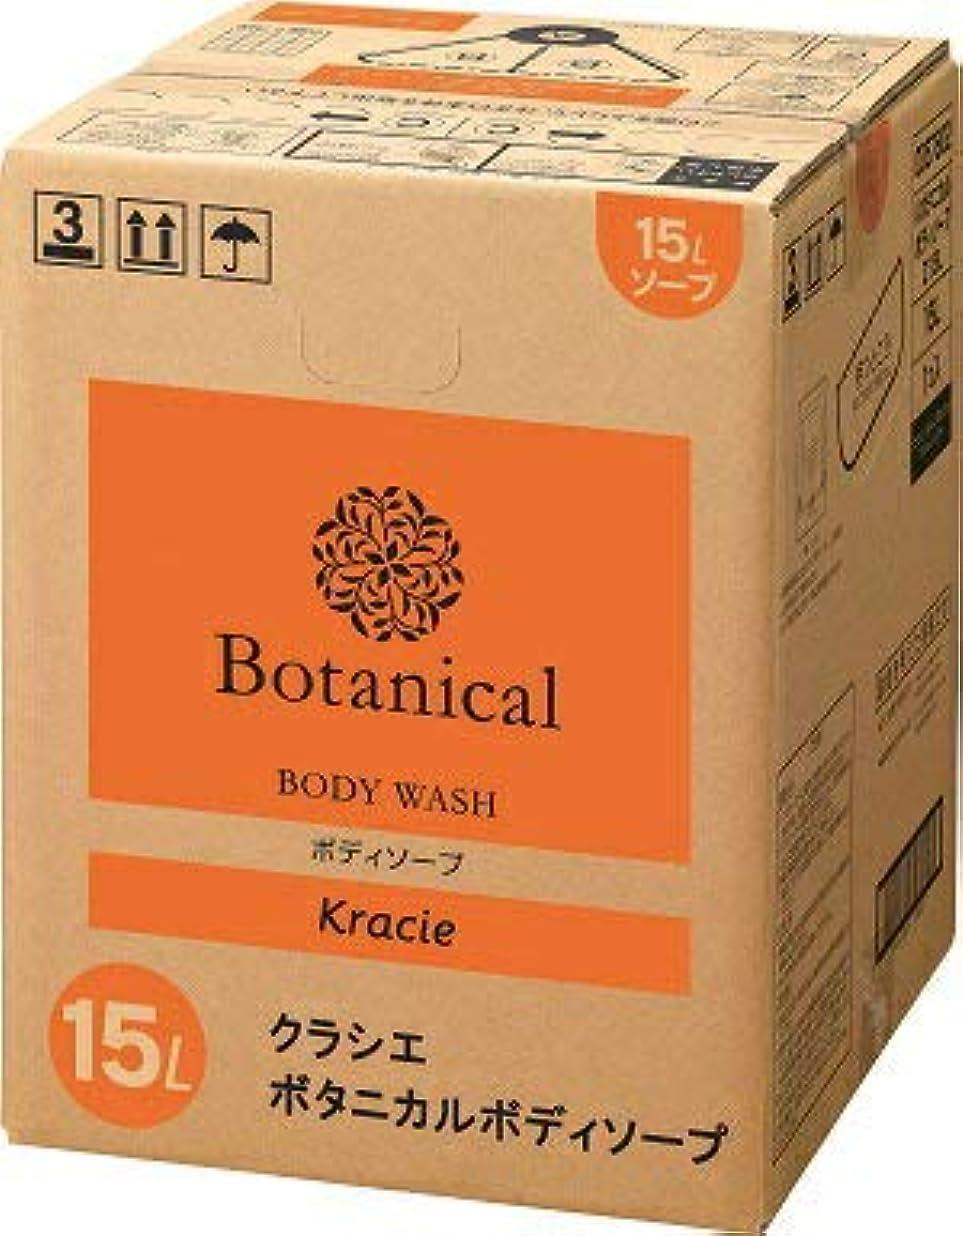 ペスト吸収するジャニスKracie クラシエ Botanical ボタニカル ボディソープ 15L 詰め替え 業務用